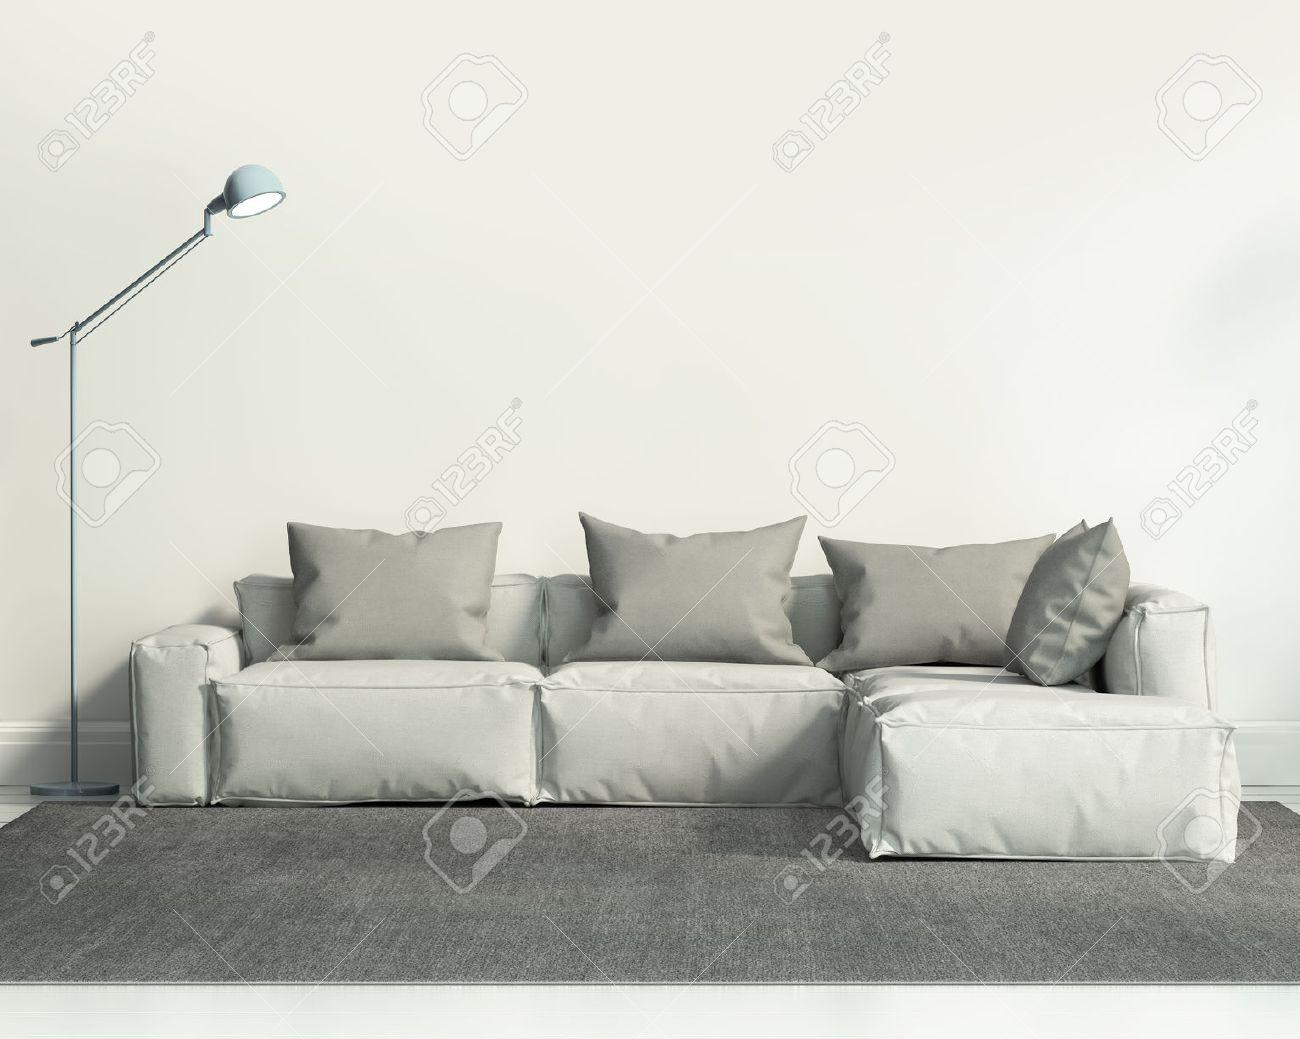 Full Size of Zeitgenssische Wei Wohnzimmer Mit Sofa Und Teppich Grau Rattan Hocker Esstisch Weiß Oval Weißes Schlafzimmer Kolonialstil Abnehmbaren Bezug Küche Hochglanz Sofa Sofa Grau Weiß